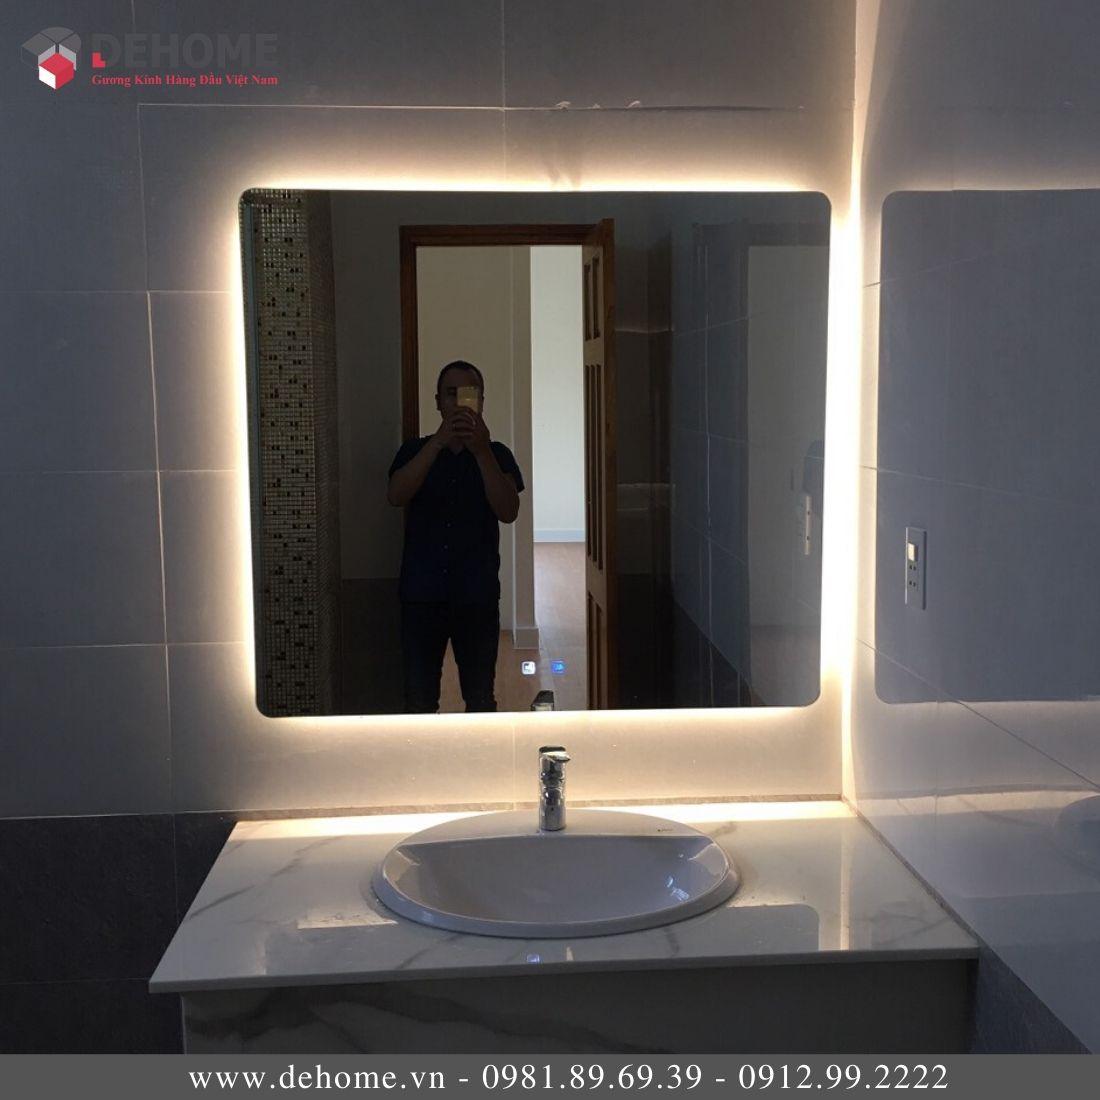 Gương Phòng Tắm Có Led Nguồn Cảm Ứng Dehome DH68-22